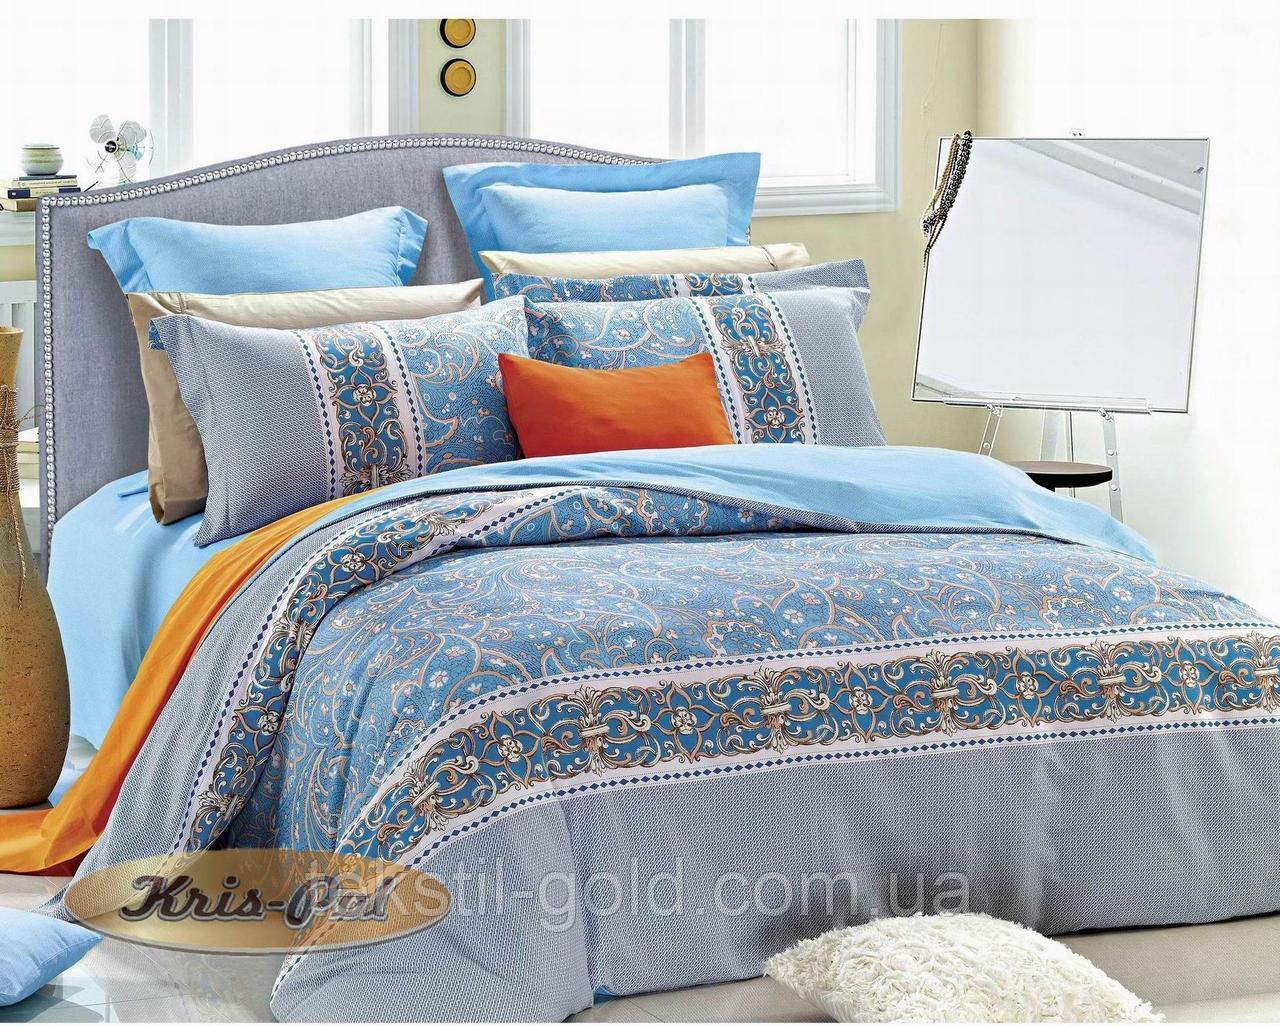 1,5-спальный комплект постельного белья ТМ Kris-pol (Украина) сатин хлопок 16913110003